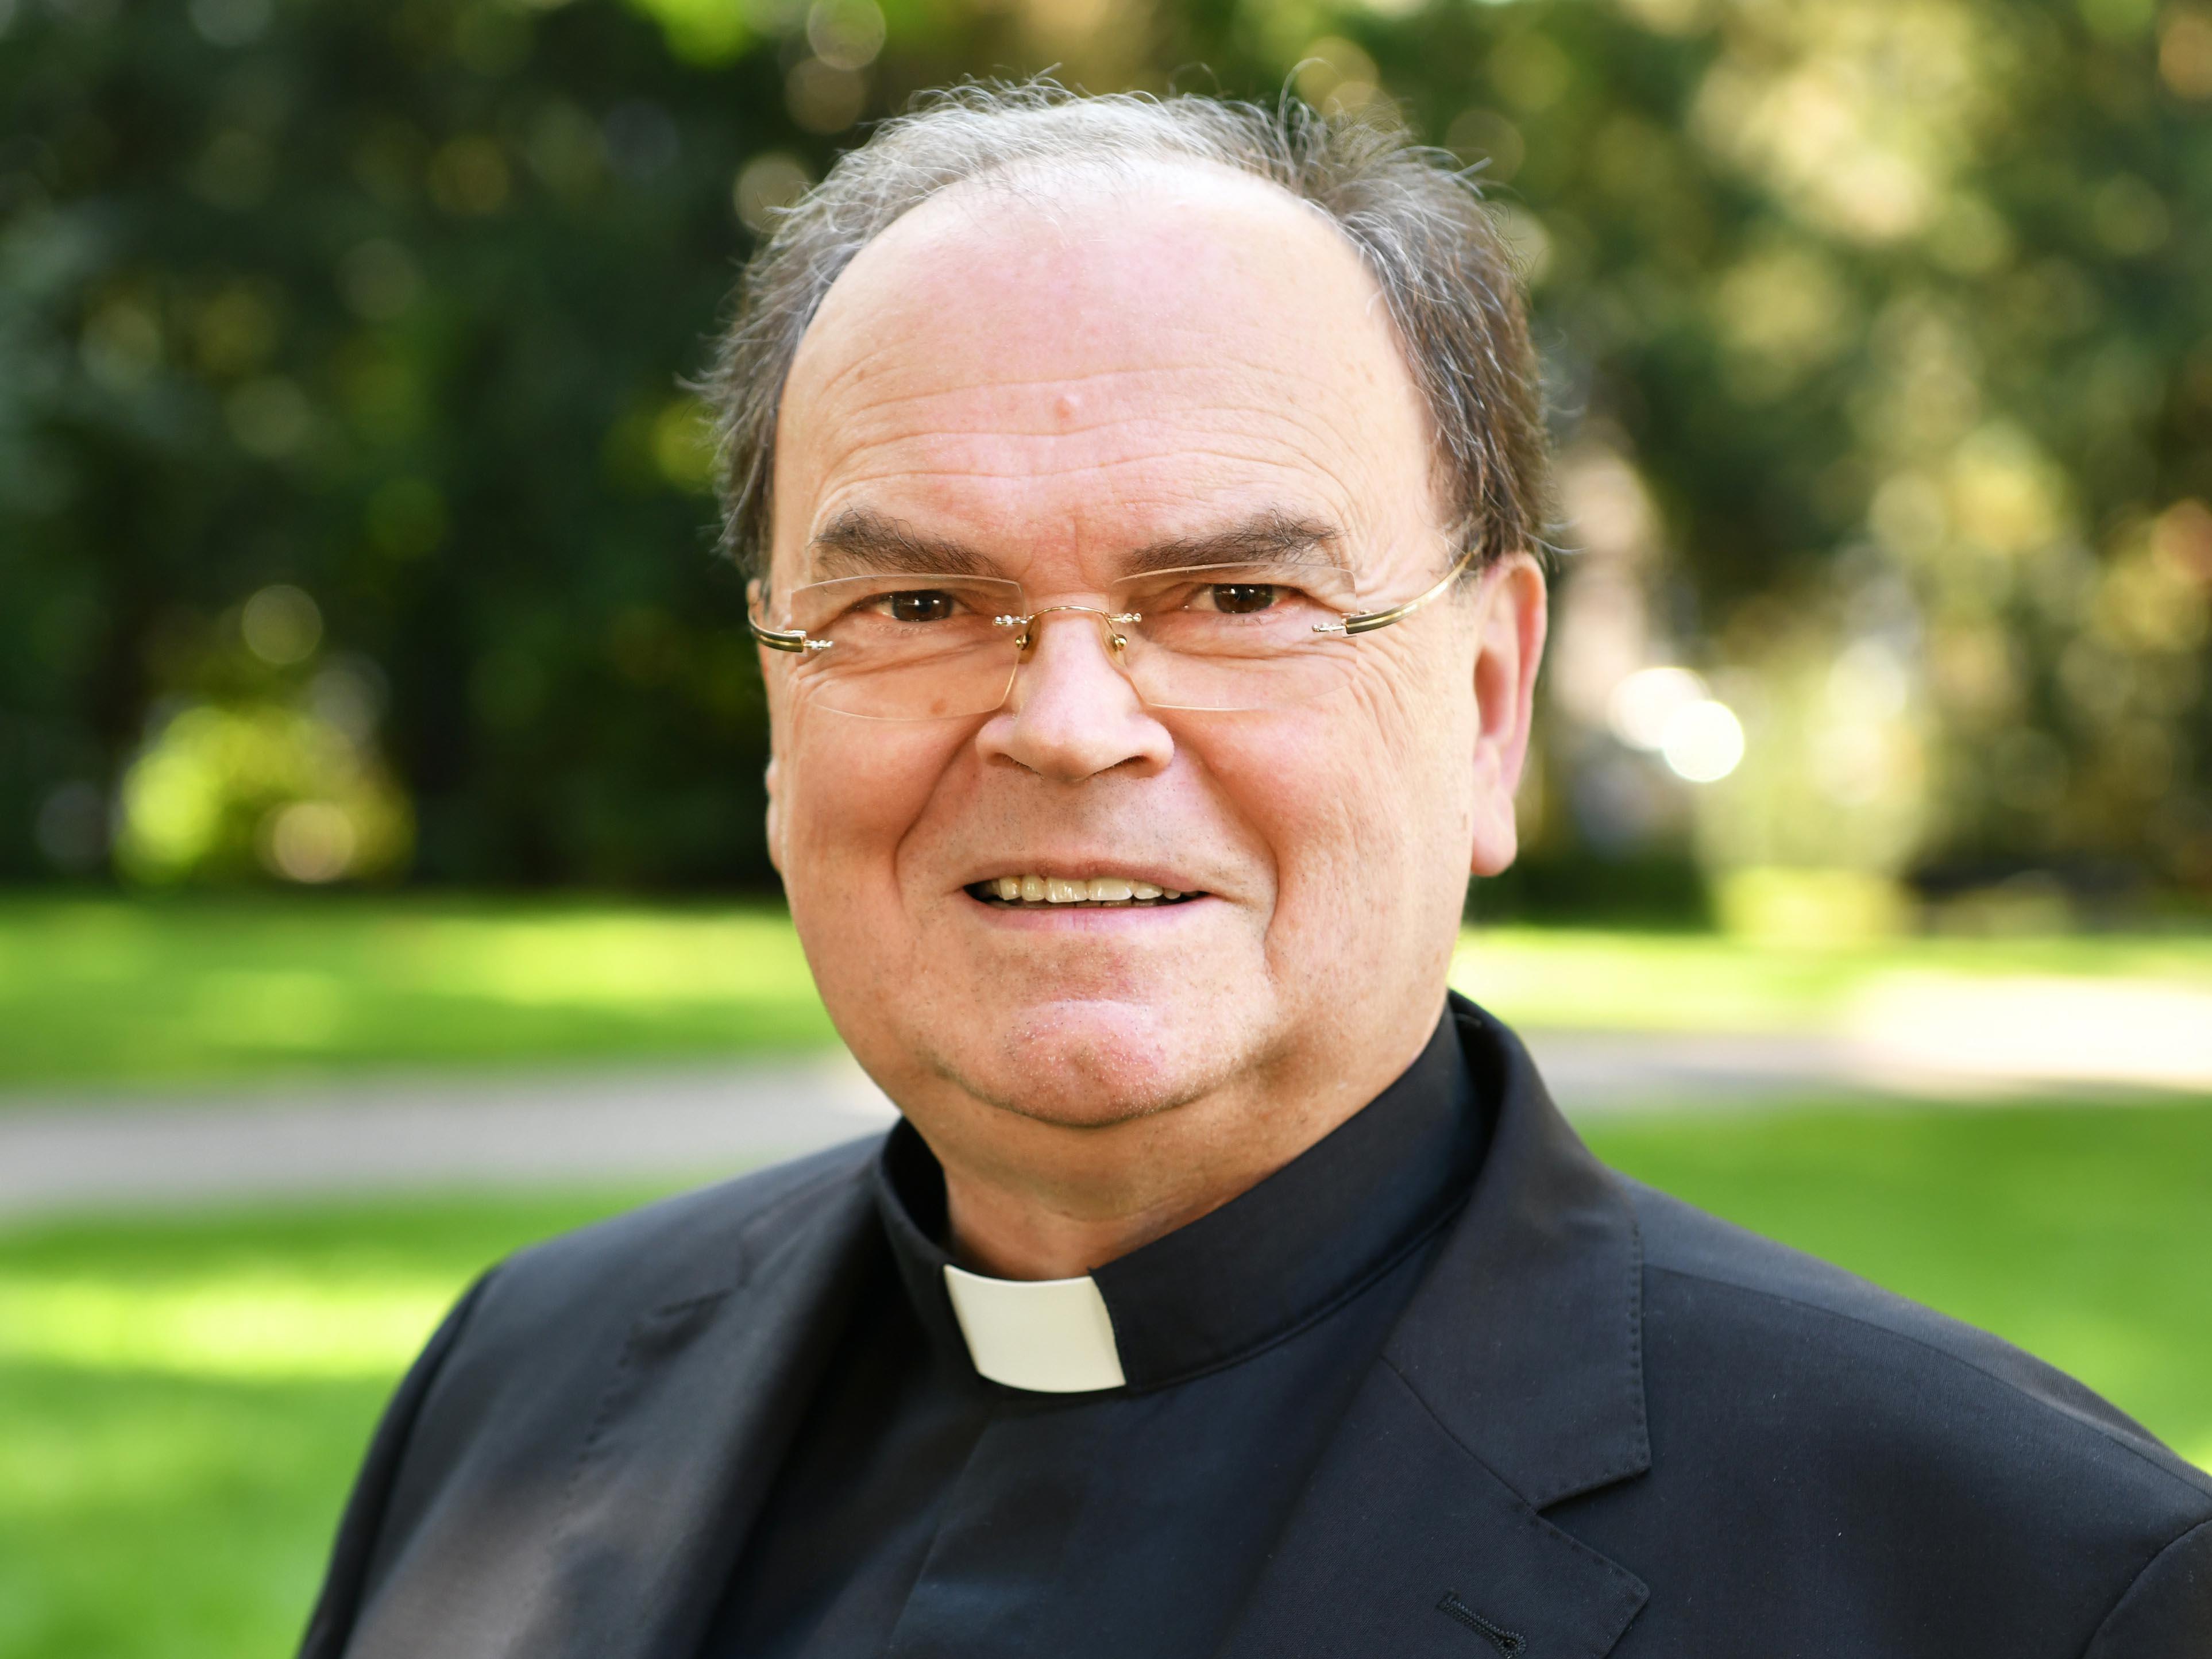 Apostolischer Administrator Dr. Bertram Meier, ernannter Bischof von Augsburg, begrüßt die Entscheidung. (Foto: Nicolas Schnall / pba).